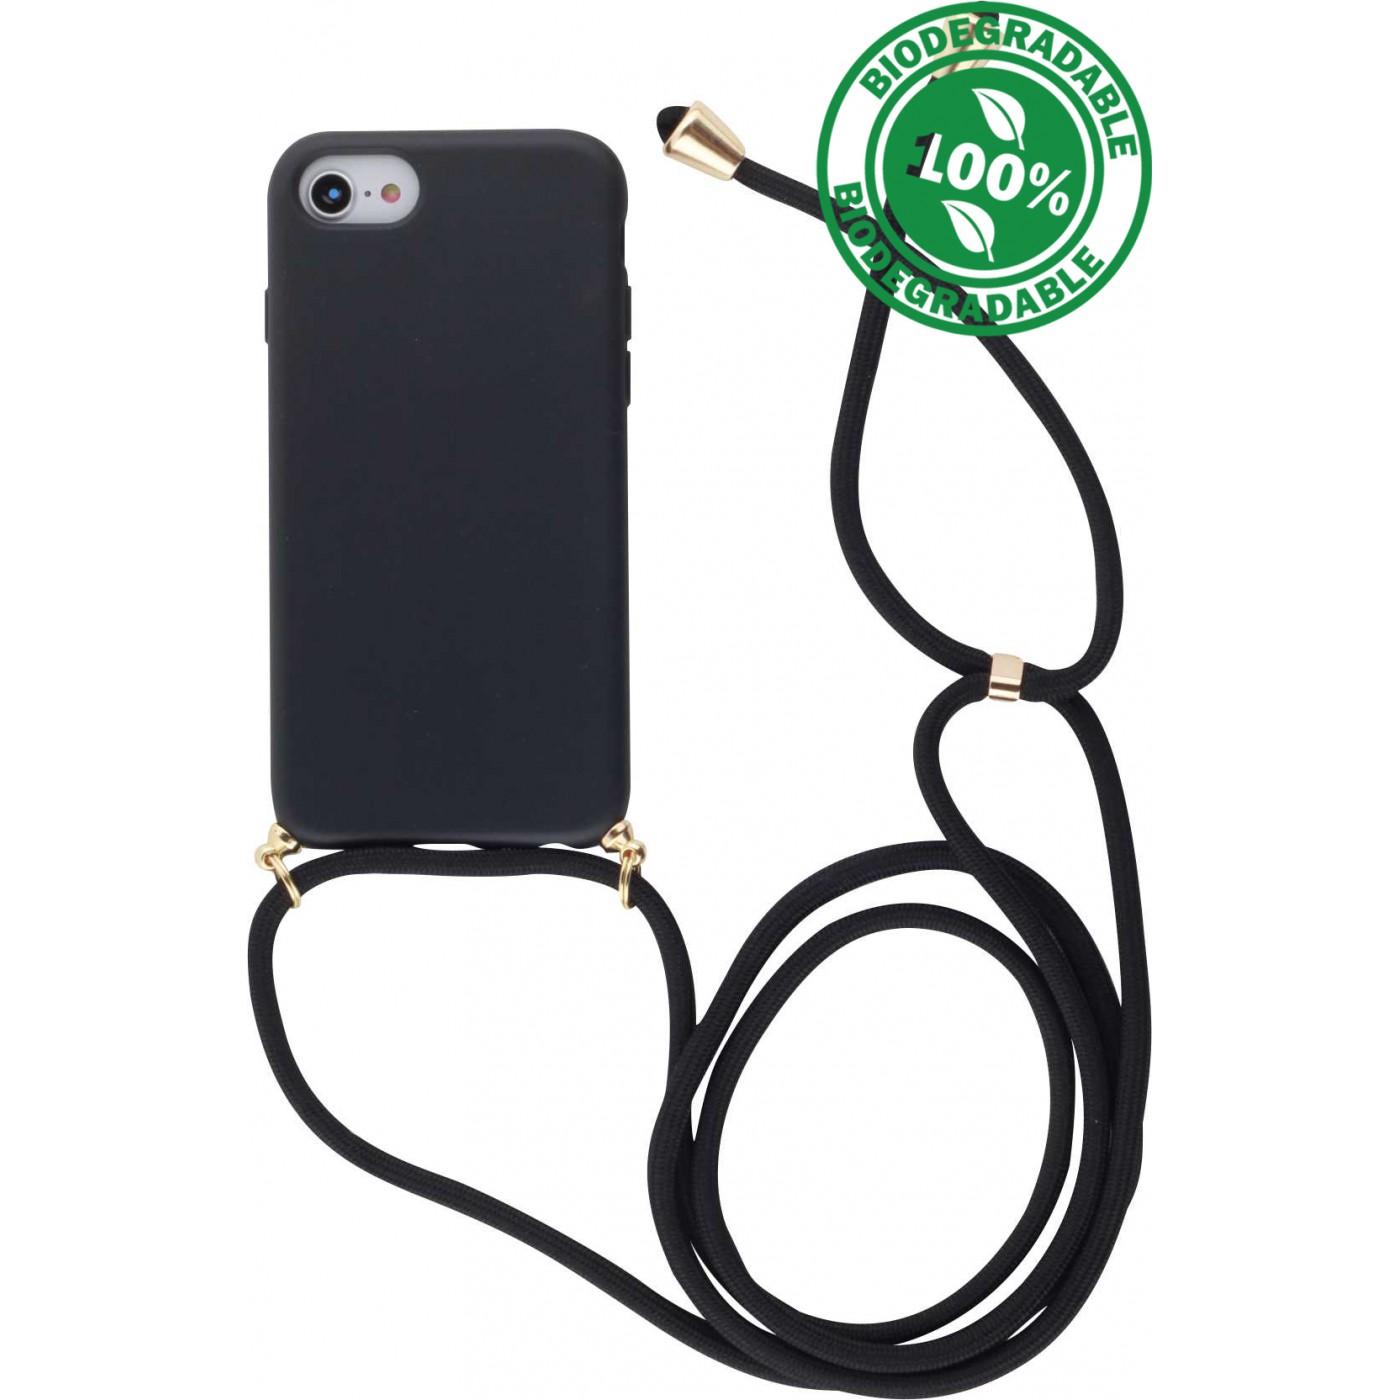 Coque iPhone 6/6s - Bio Eco-Friendly Lacet noir